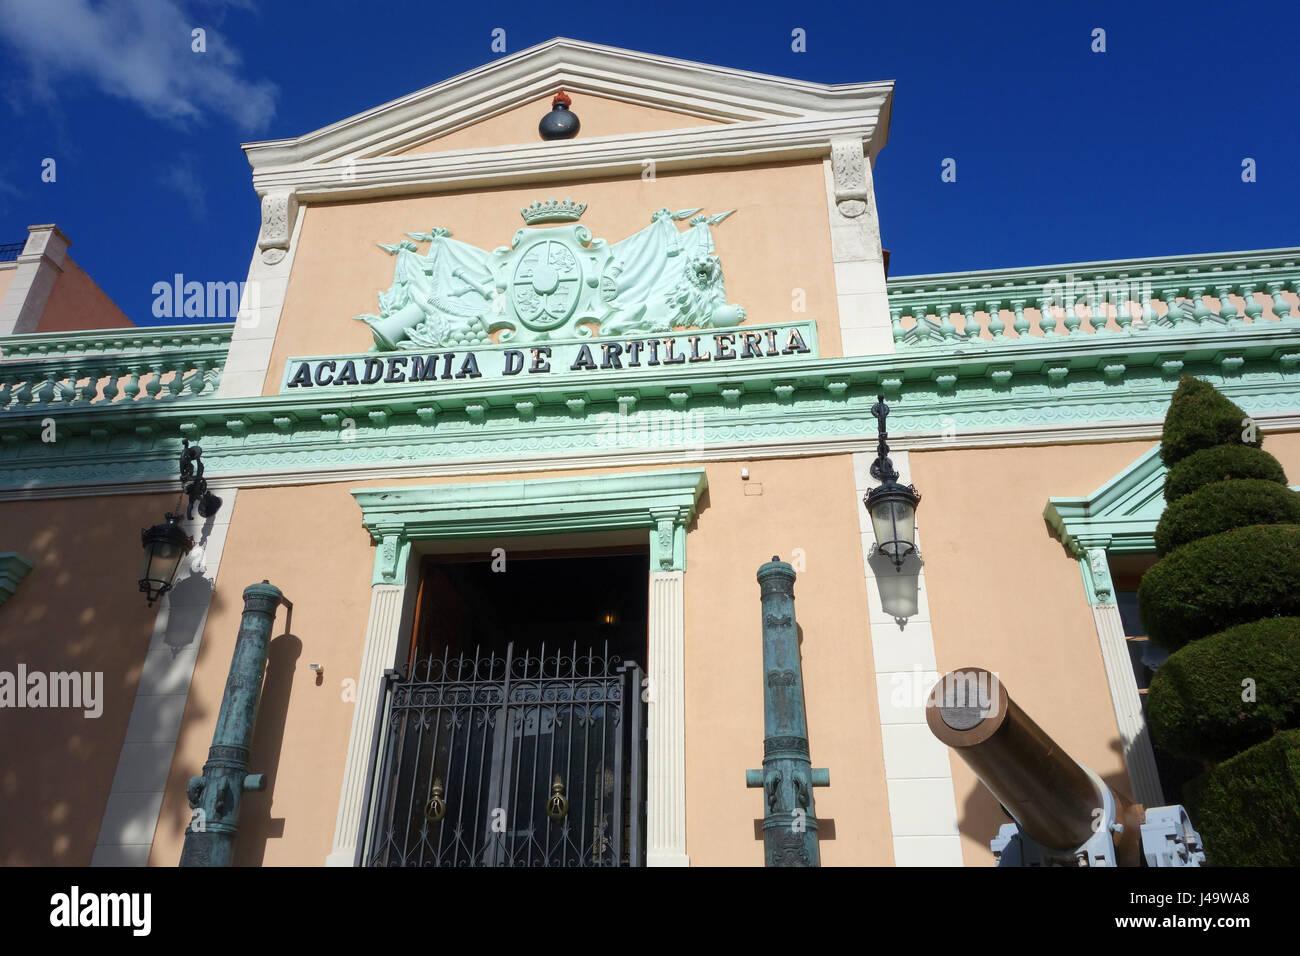 Real Colegio de Artiller'a de Segovia (Academia de Artiller'a) Segovia Spain - Stock Image